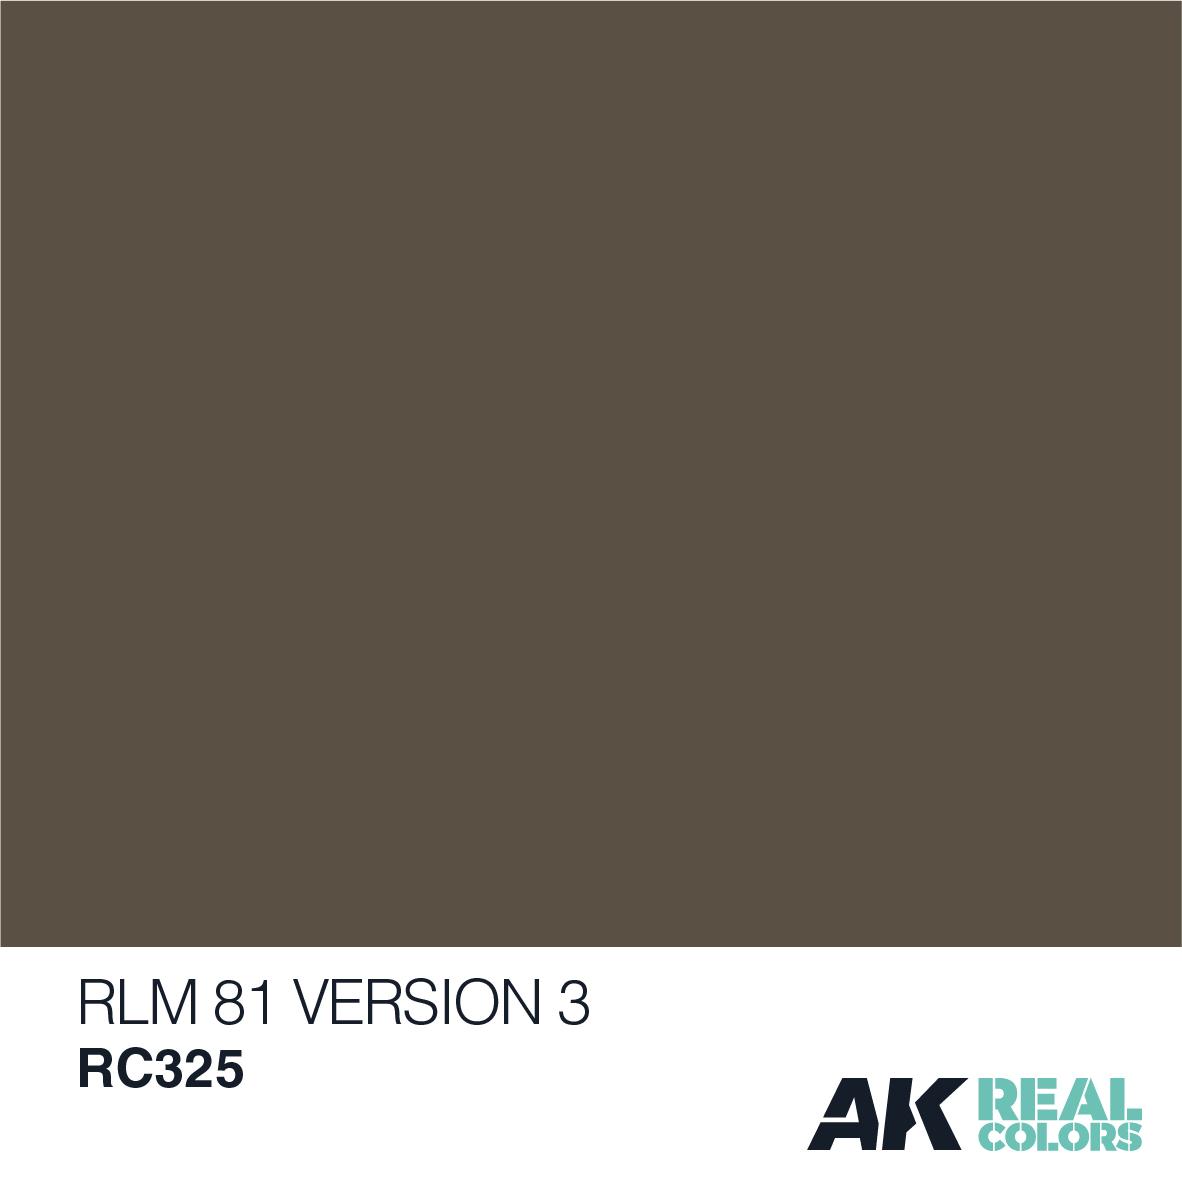 RC325acryliclacquer